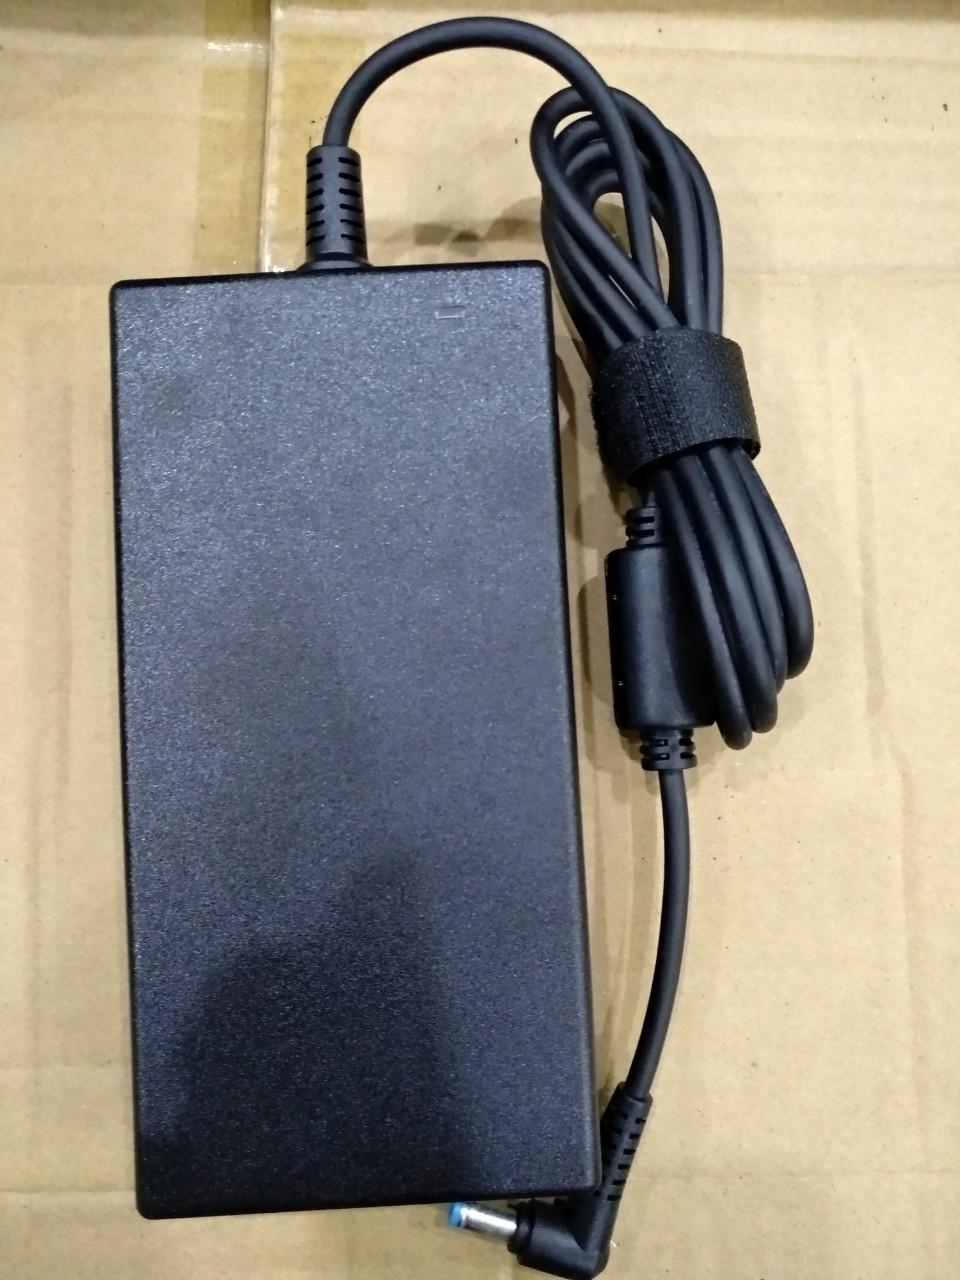 Sạc dành cho Laptop Acer Aspire V Nitro VN7-592G VN7-593G  VN7-792G  V5-591G A715-71G 19.5V 9.23A 180W